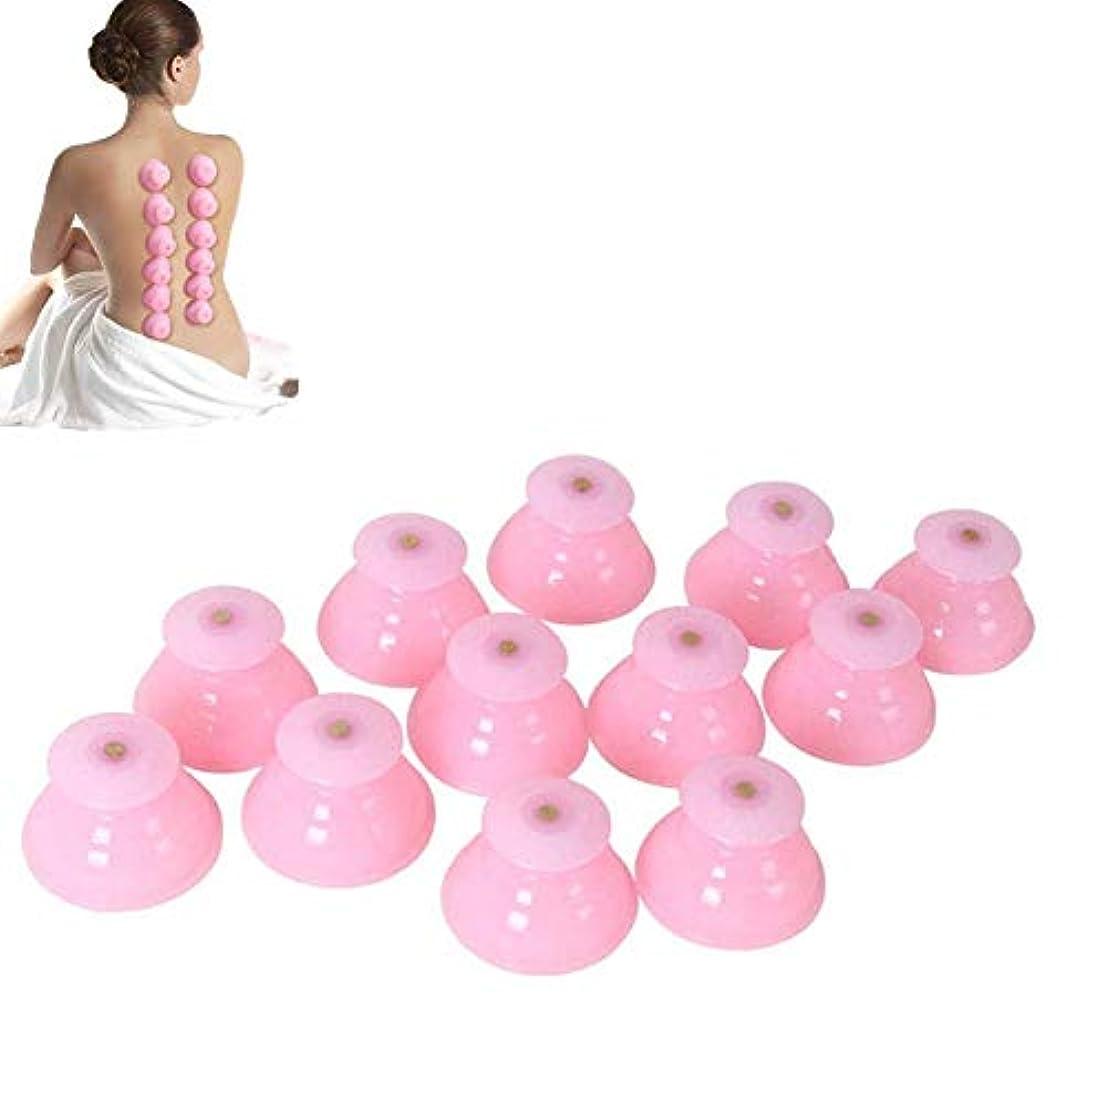 おもちゃ漁師再生シリコンカッピング 12個セット シリコン製吸い玉 水洗い可能 いつでも清潔に使用できます(ピンク)